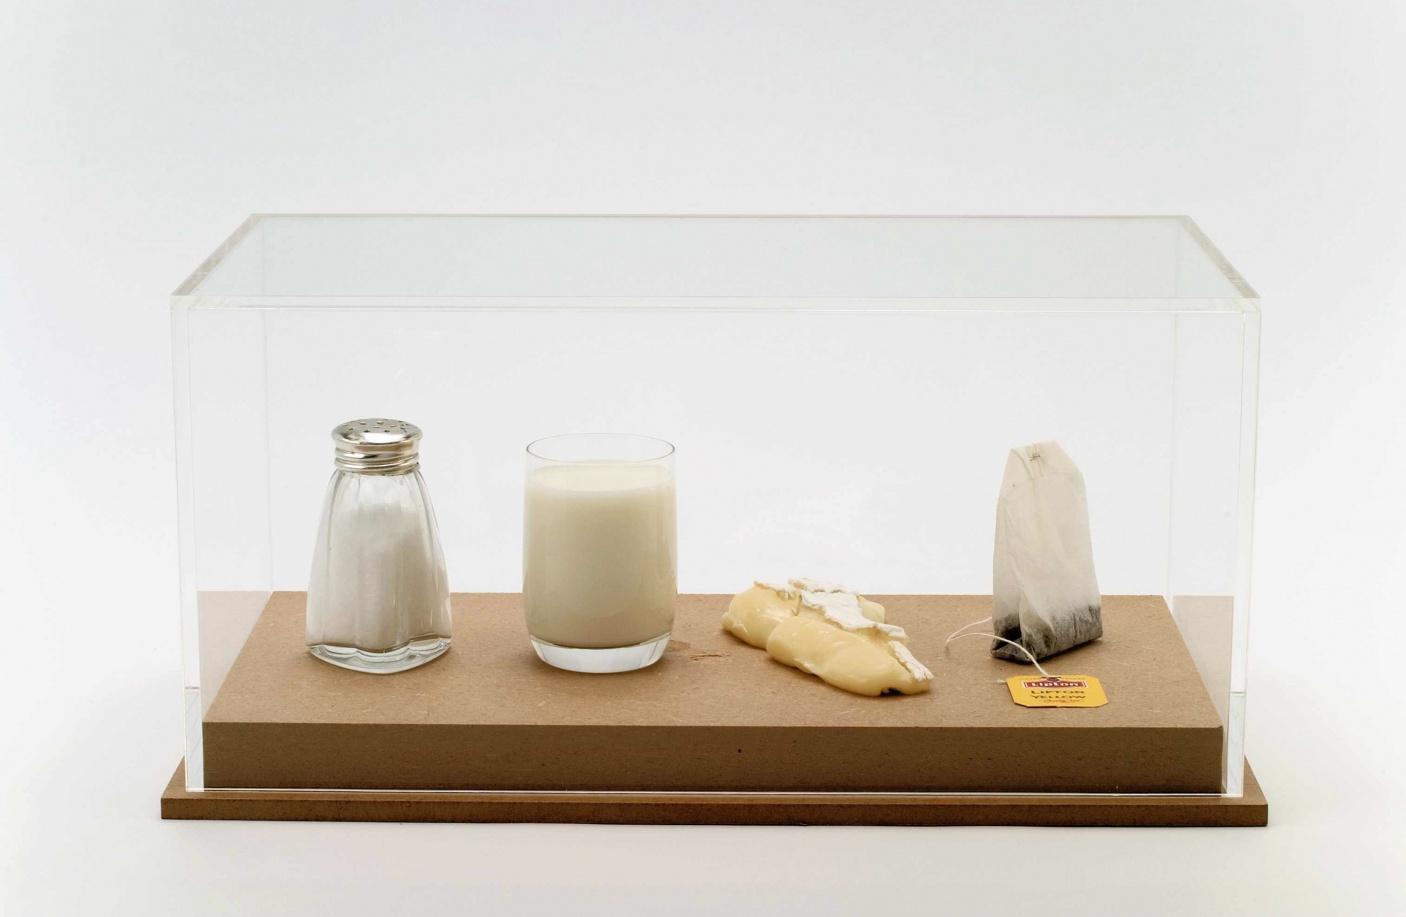 Rébus Romain Denis : sel-lait-brie-thé